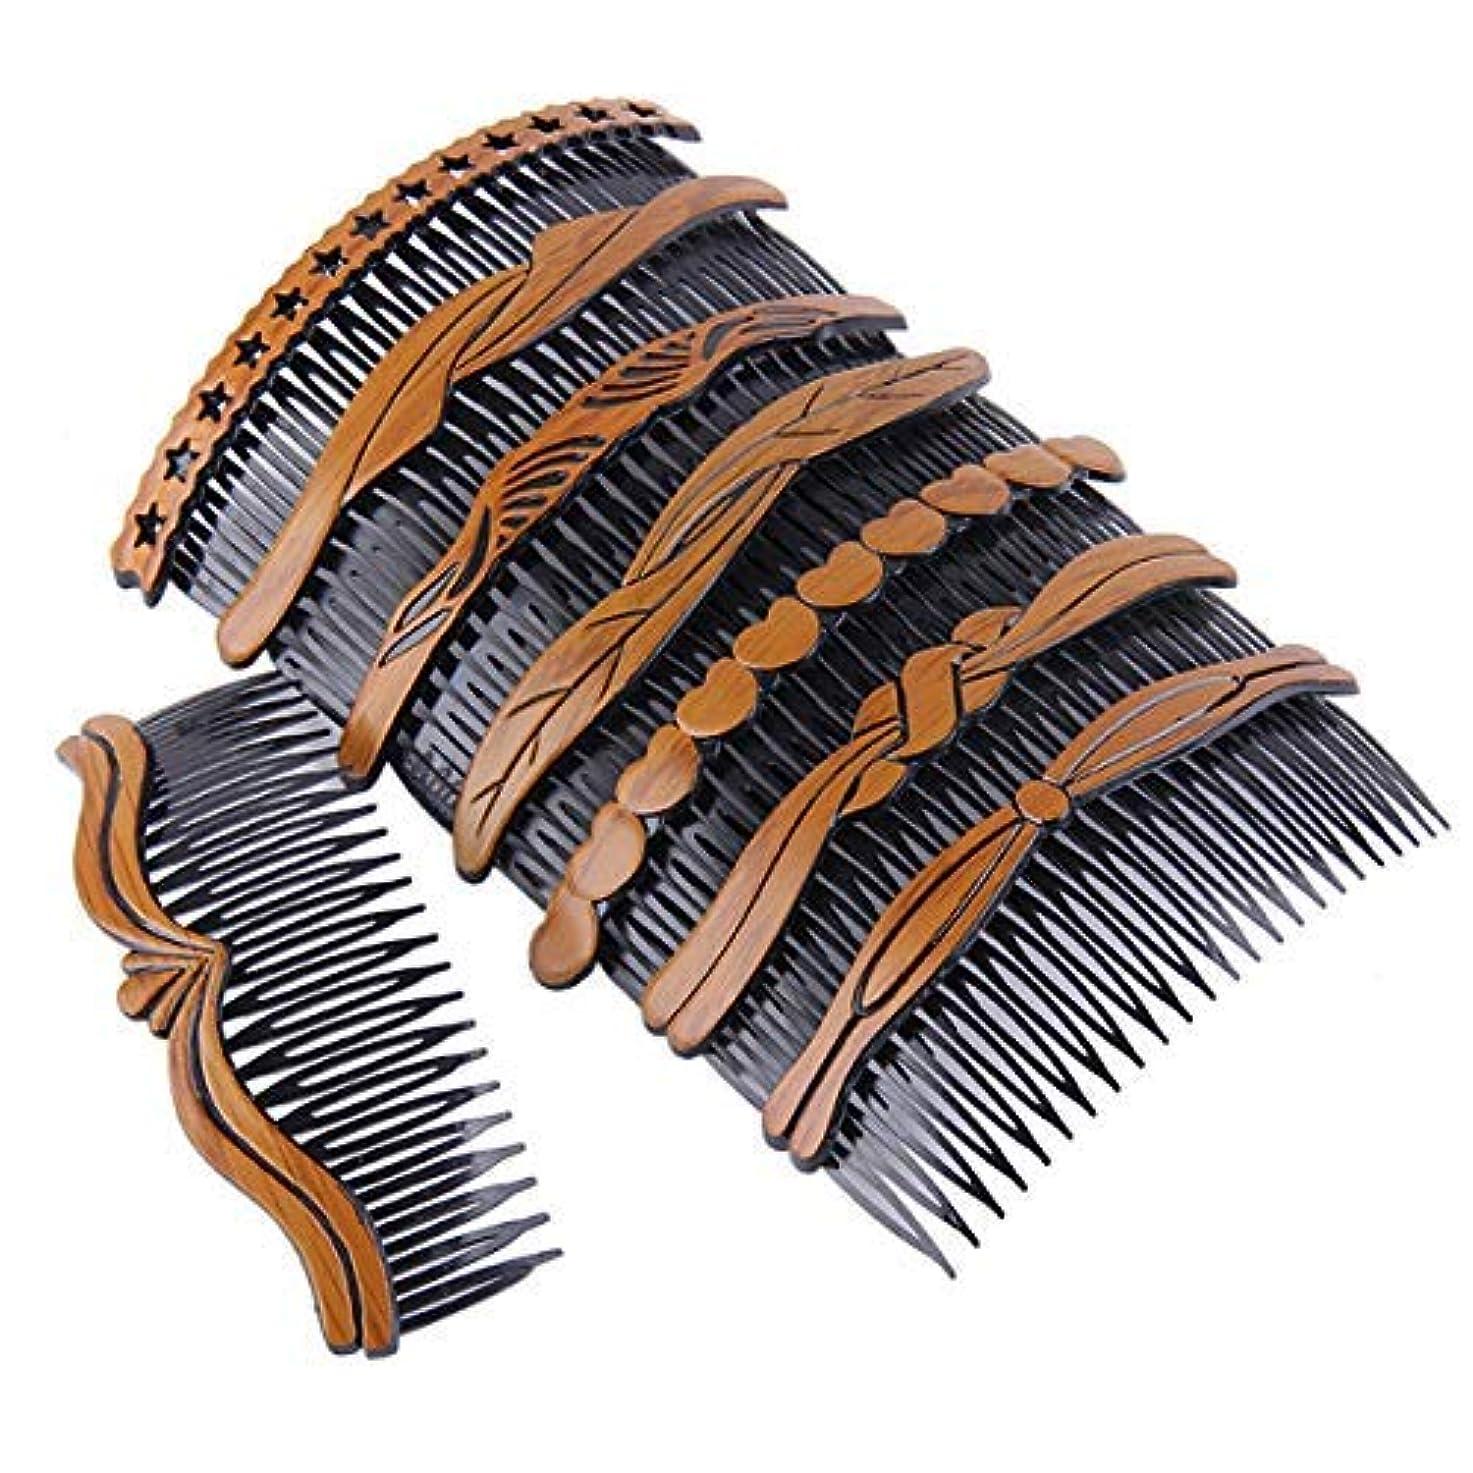 有効ペースヤギ8Pcs Plastic Wood Grain Hollow Hair Side Combs Retro Hair Comb Pin Clips Headdress with Teeth for Lady Women Girls...